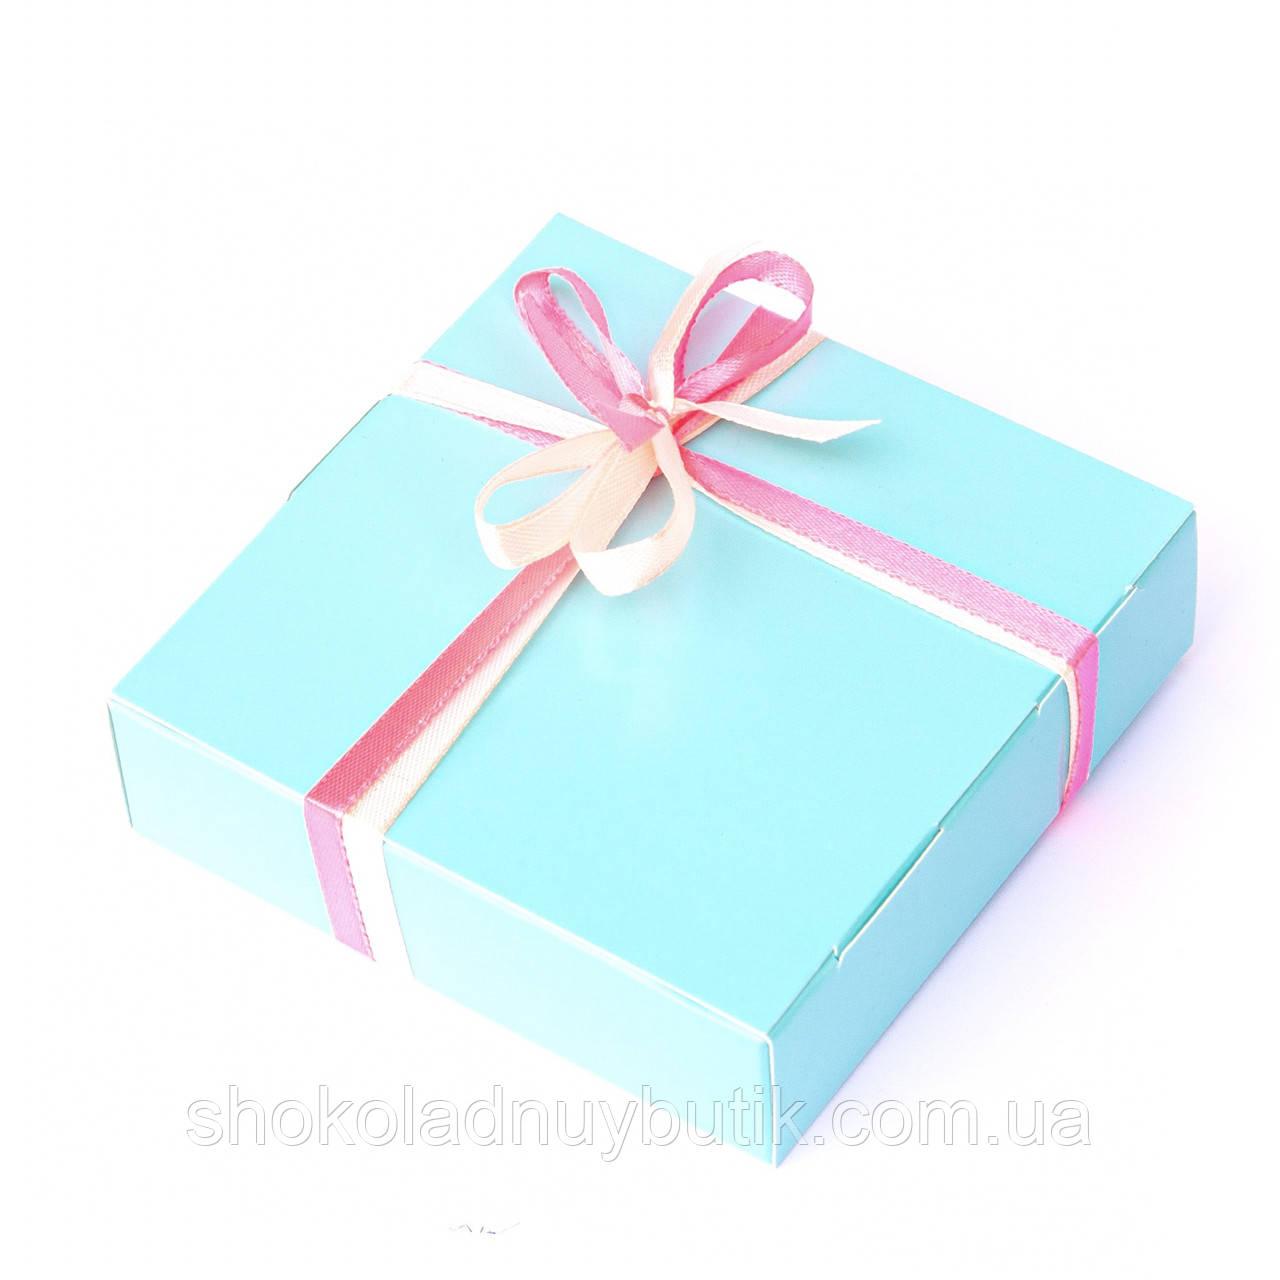 Подарок корпоративный Шоколадные конфеты ручной роботы *Бирюзовая коробка на 4шт.*